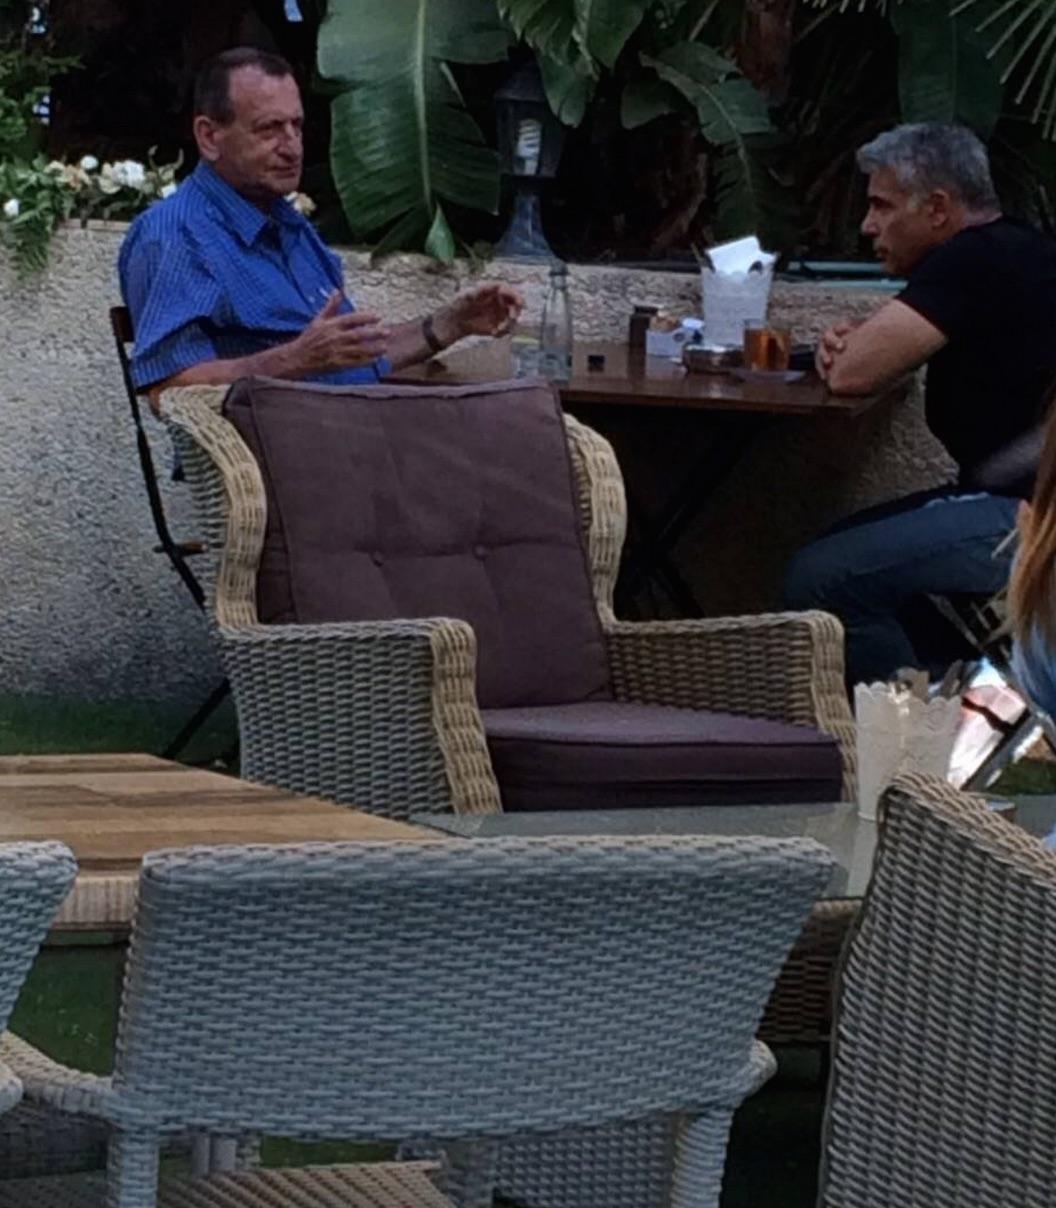 פגישה תל-אביבית, בית קפה ג׳, רחוב אחימאיר, 24 ביוני, 2015. צולם על ידי: אלמוני.